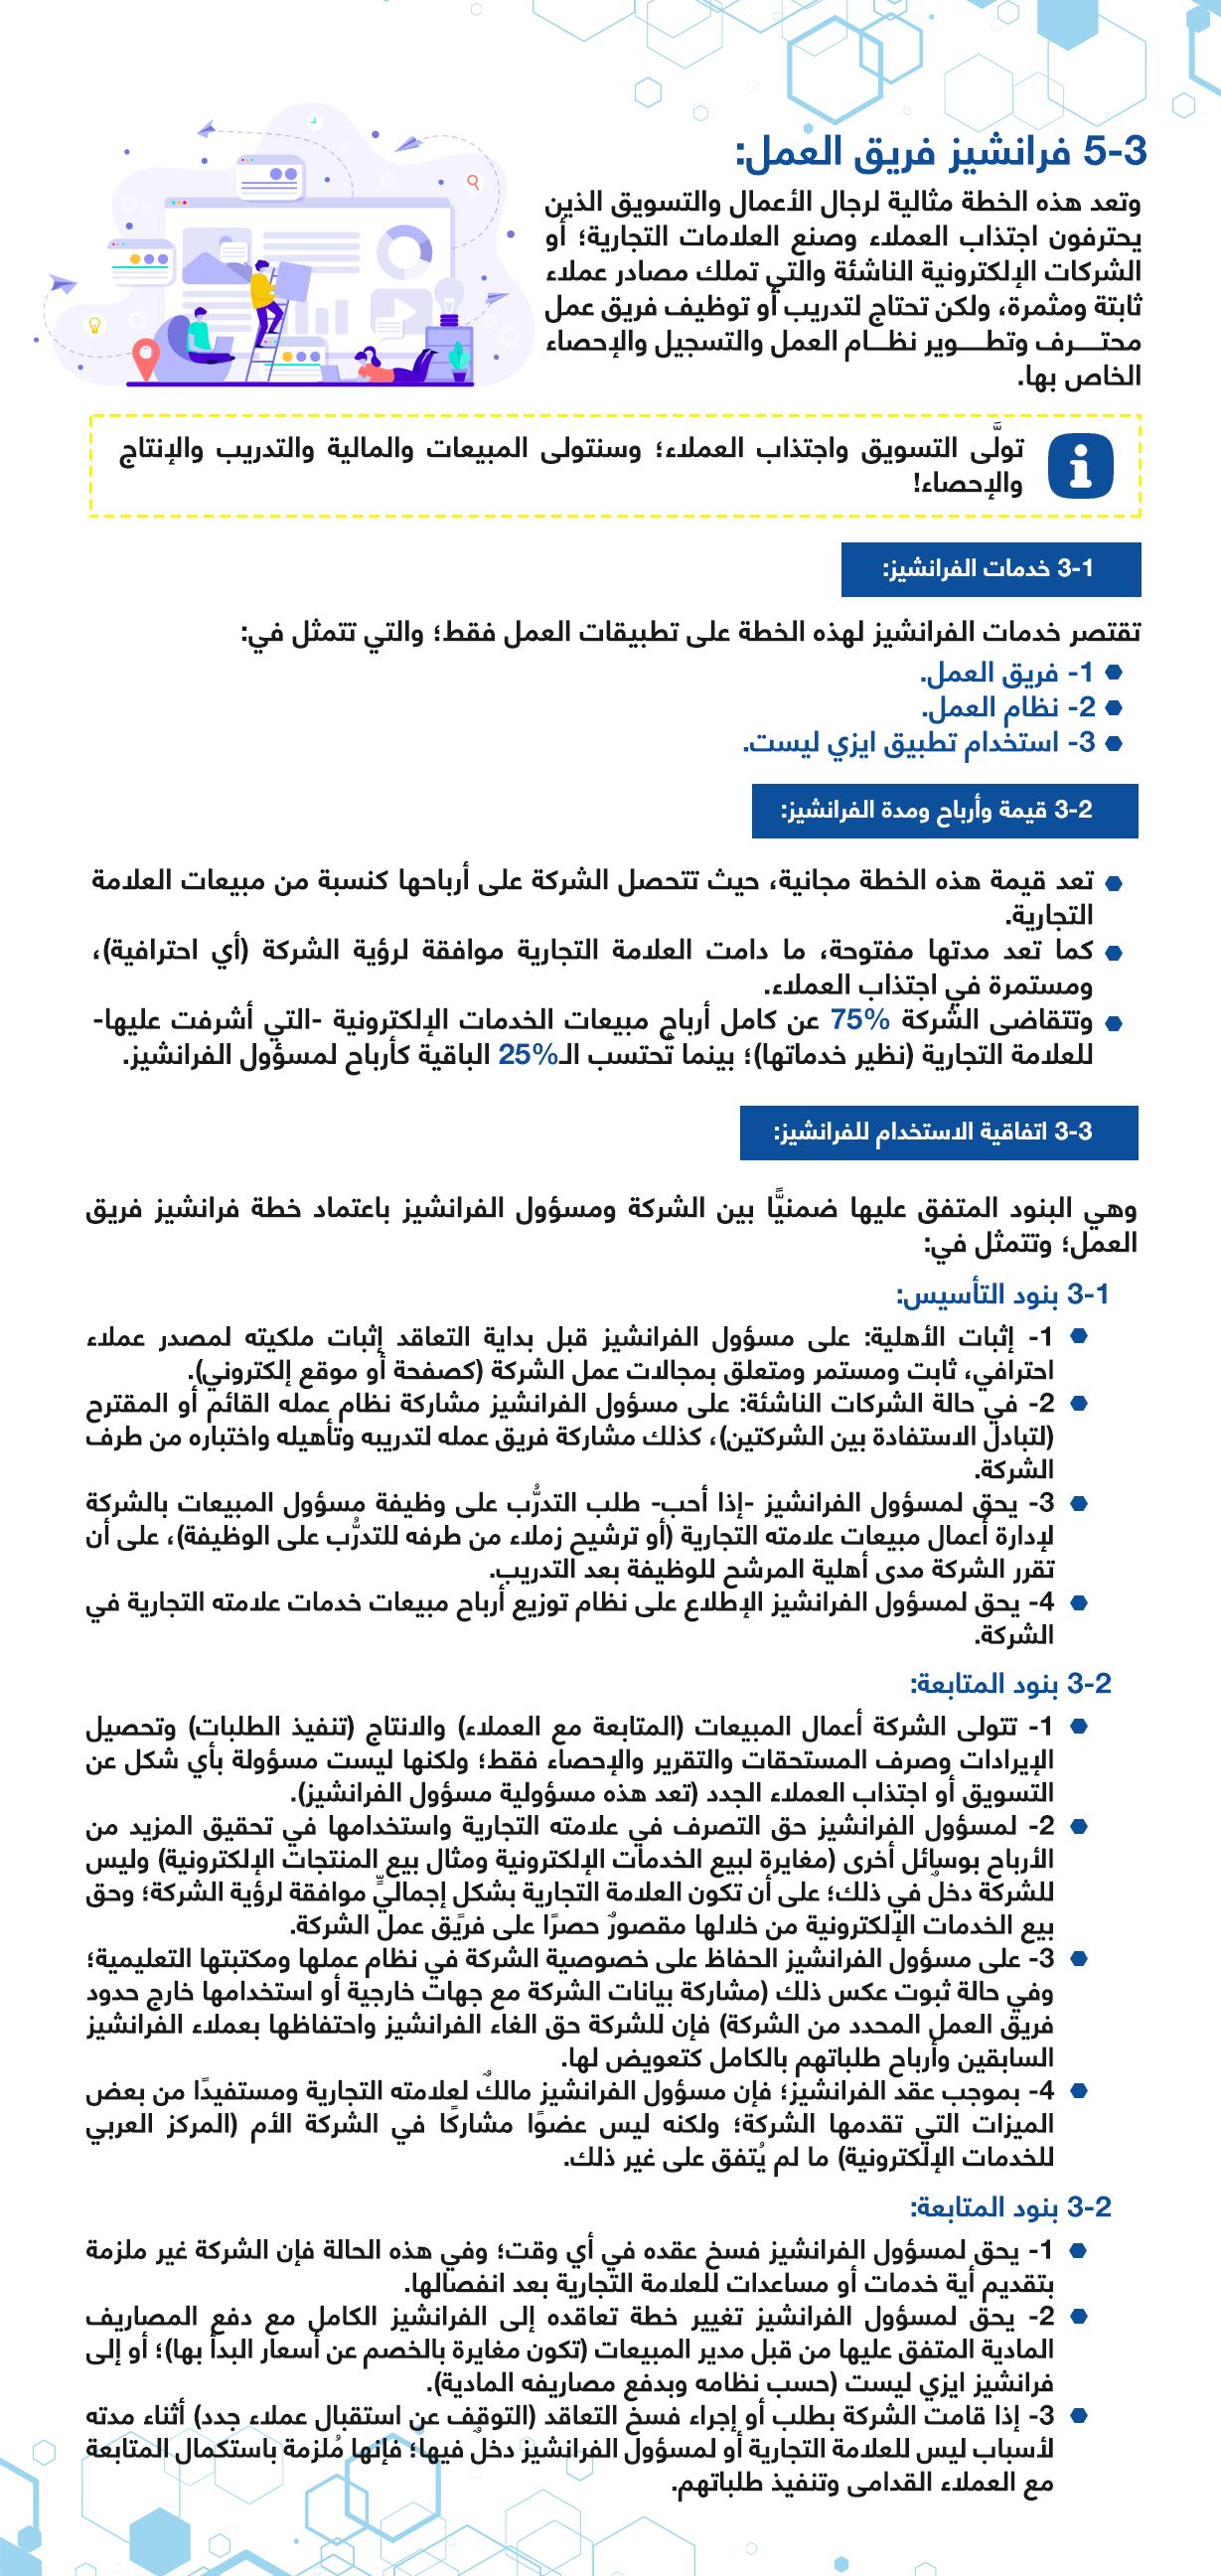 خطة فرانشيز فريق العمل بالمركز العربي للخدمات الإلكترونية - ACFE-S